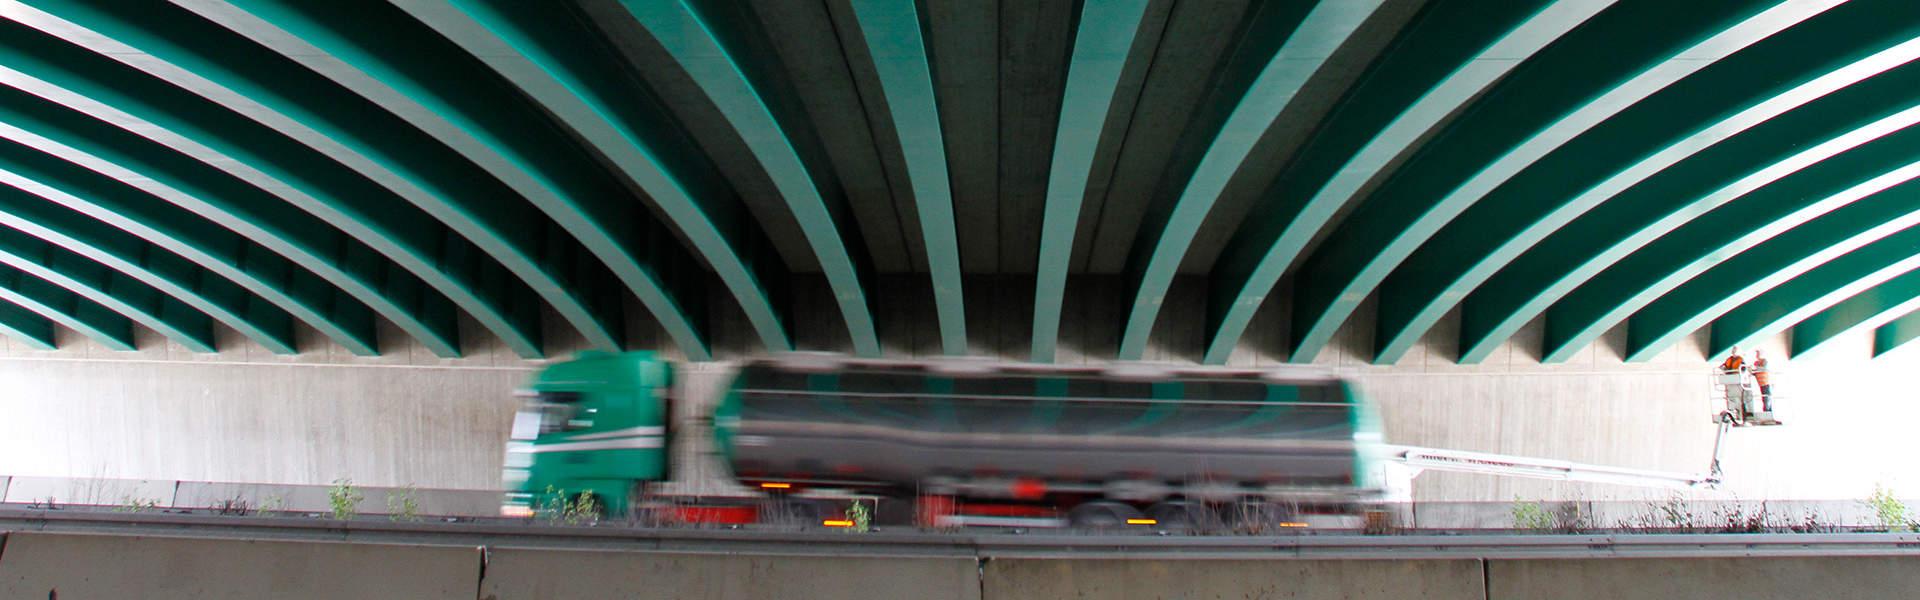 LKW fährt unter einer Brücke